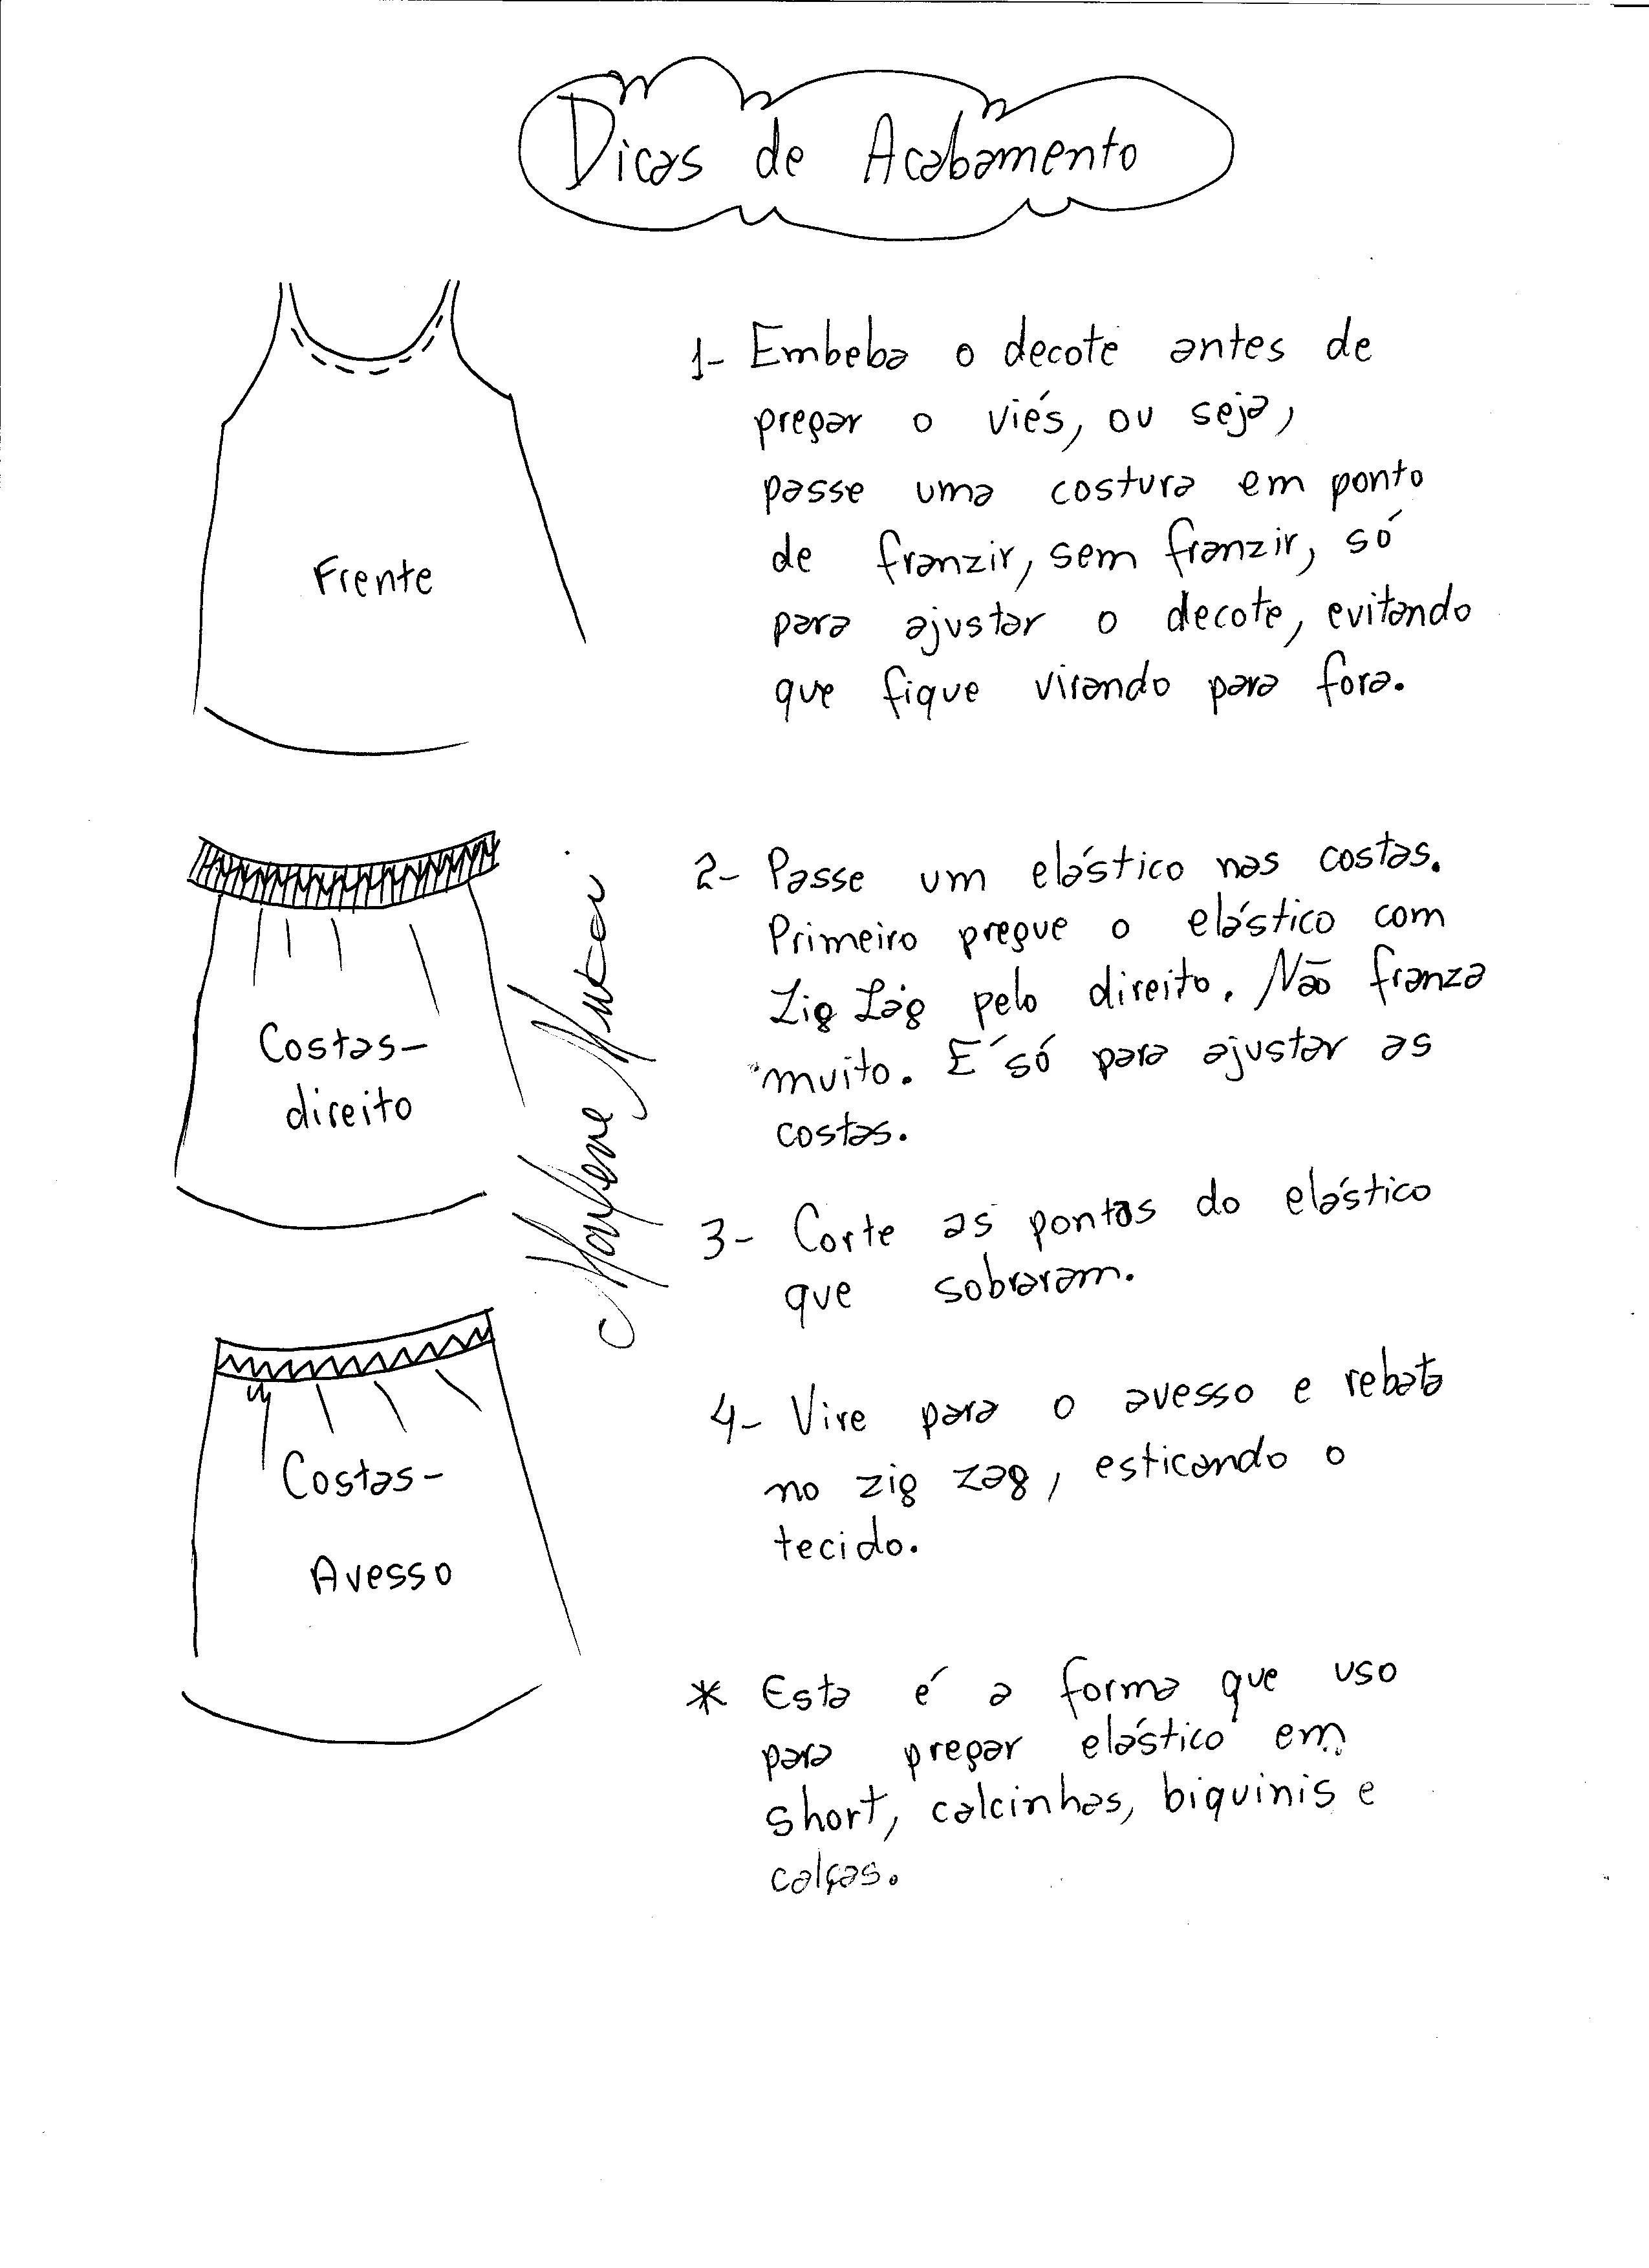 Pin de emilio serrano en ropa femenina | Pinterest | Molde, Costura ...